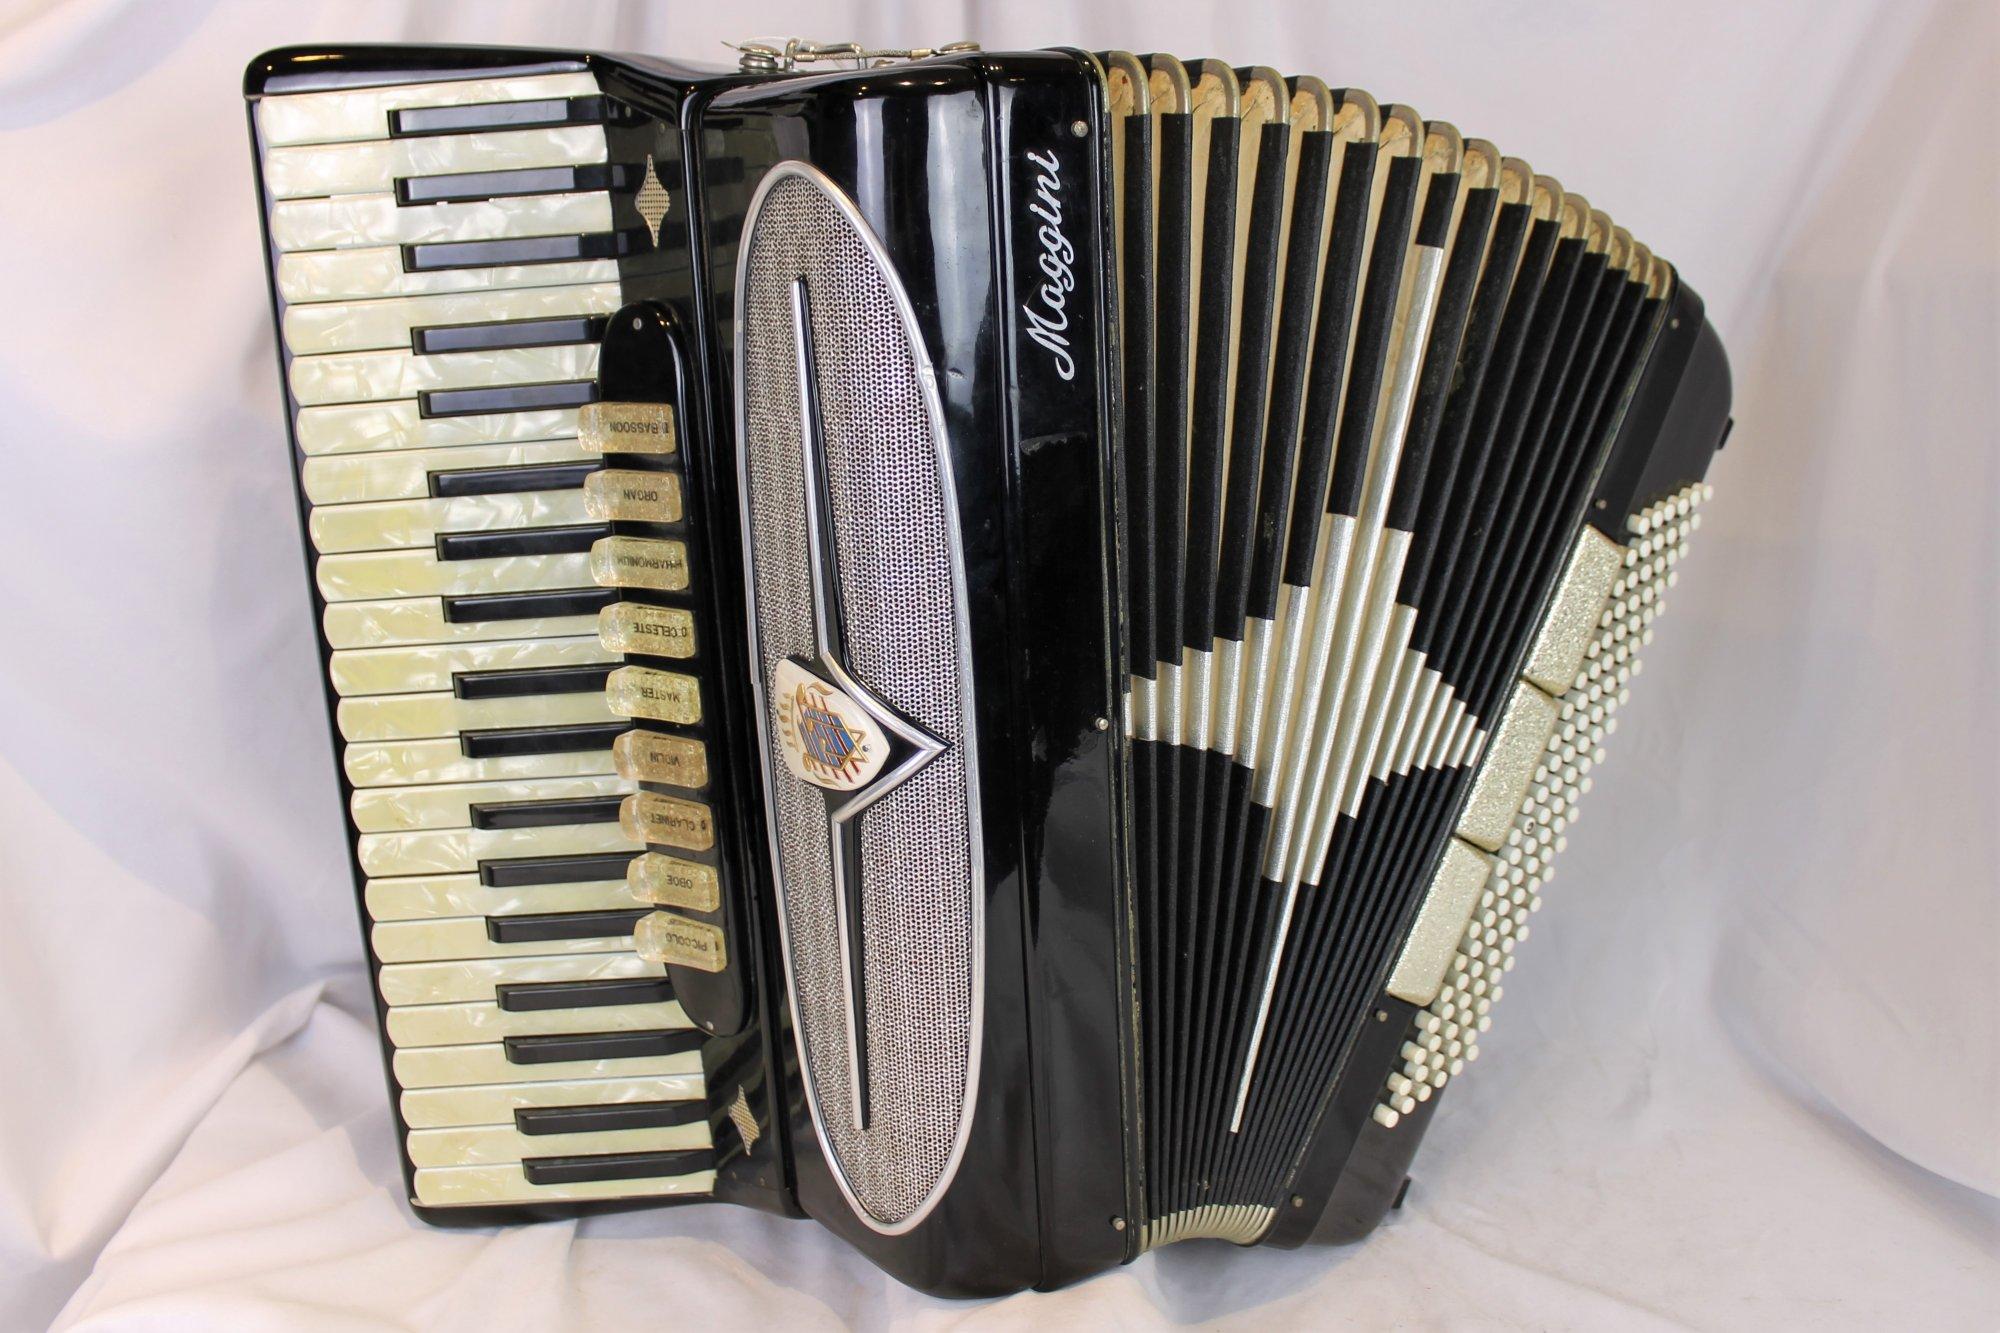 4385 - Black Maggini Piano Accordion LMMH 41 120